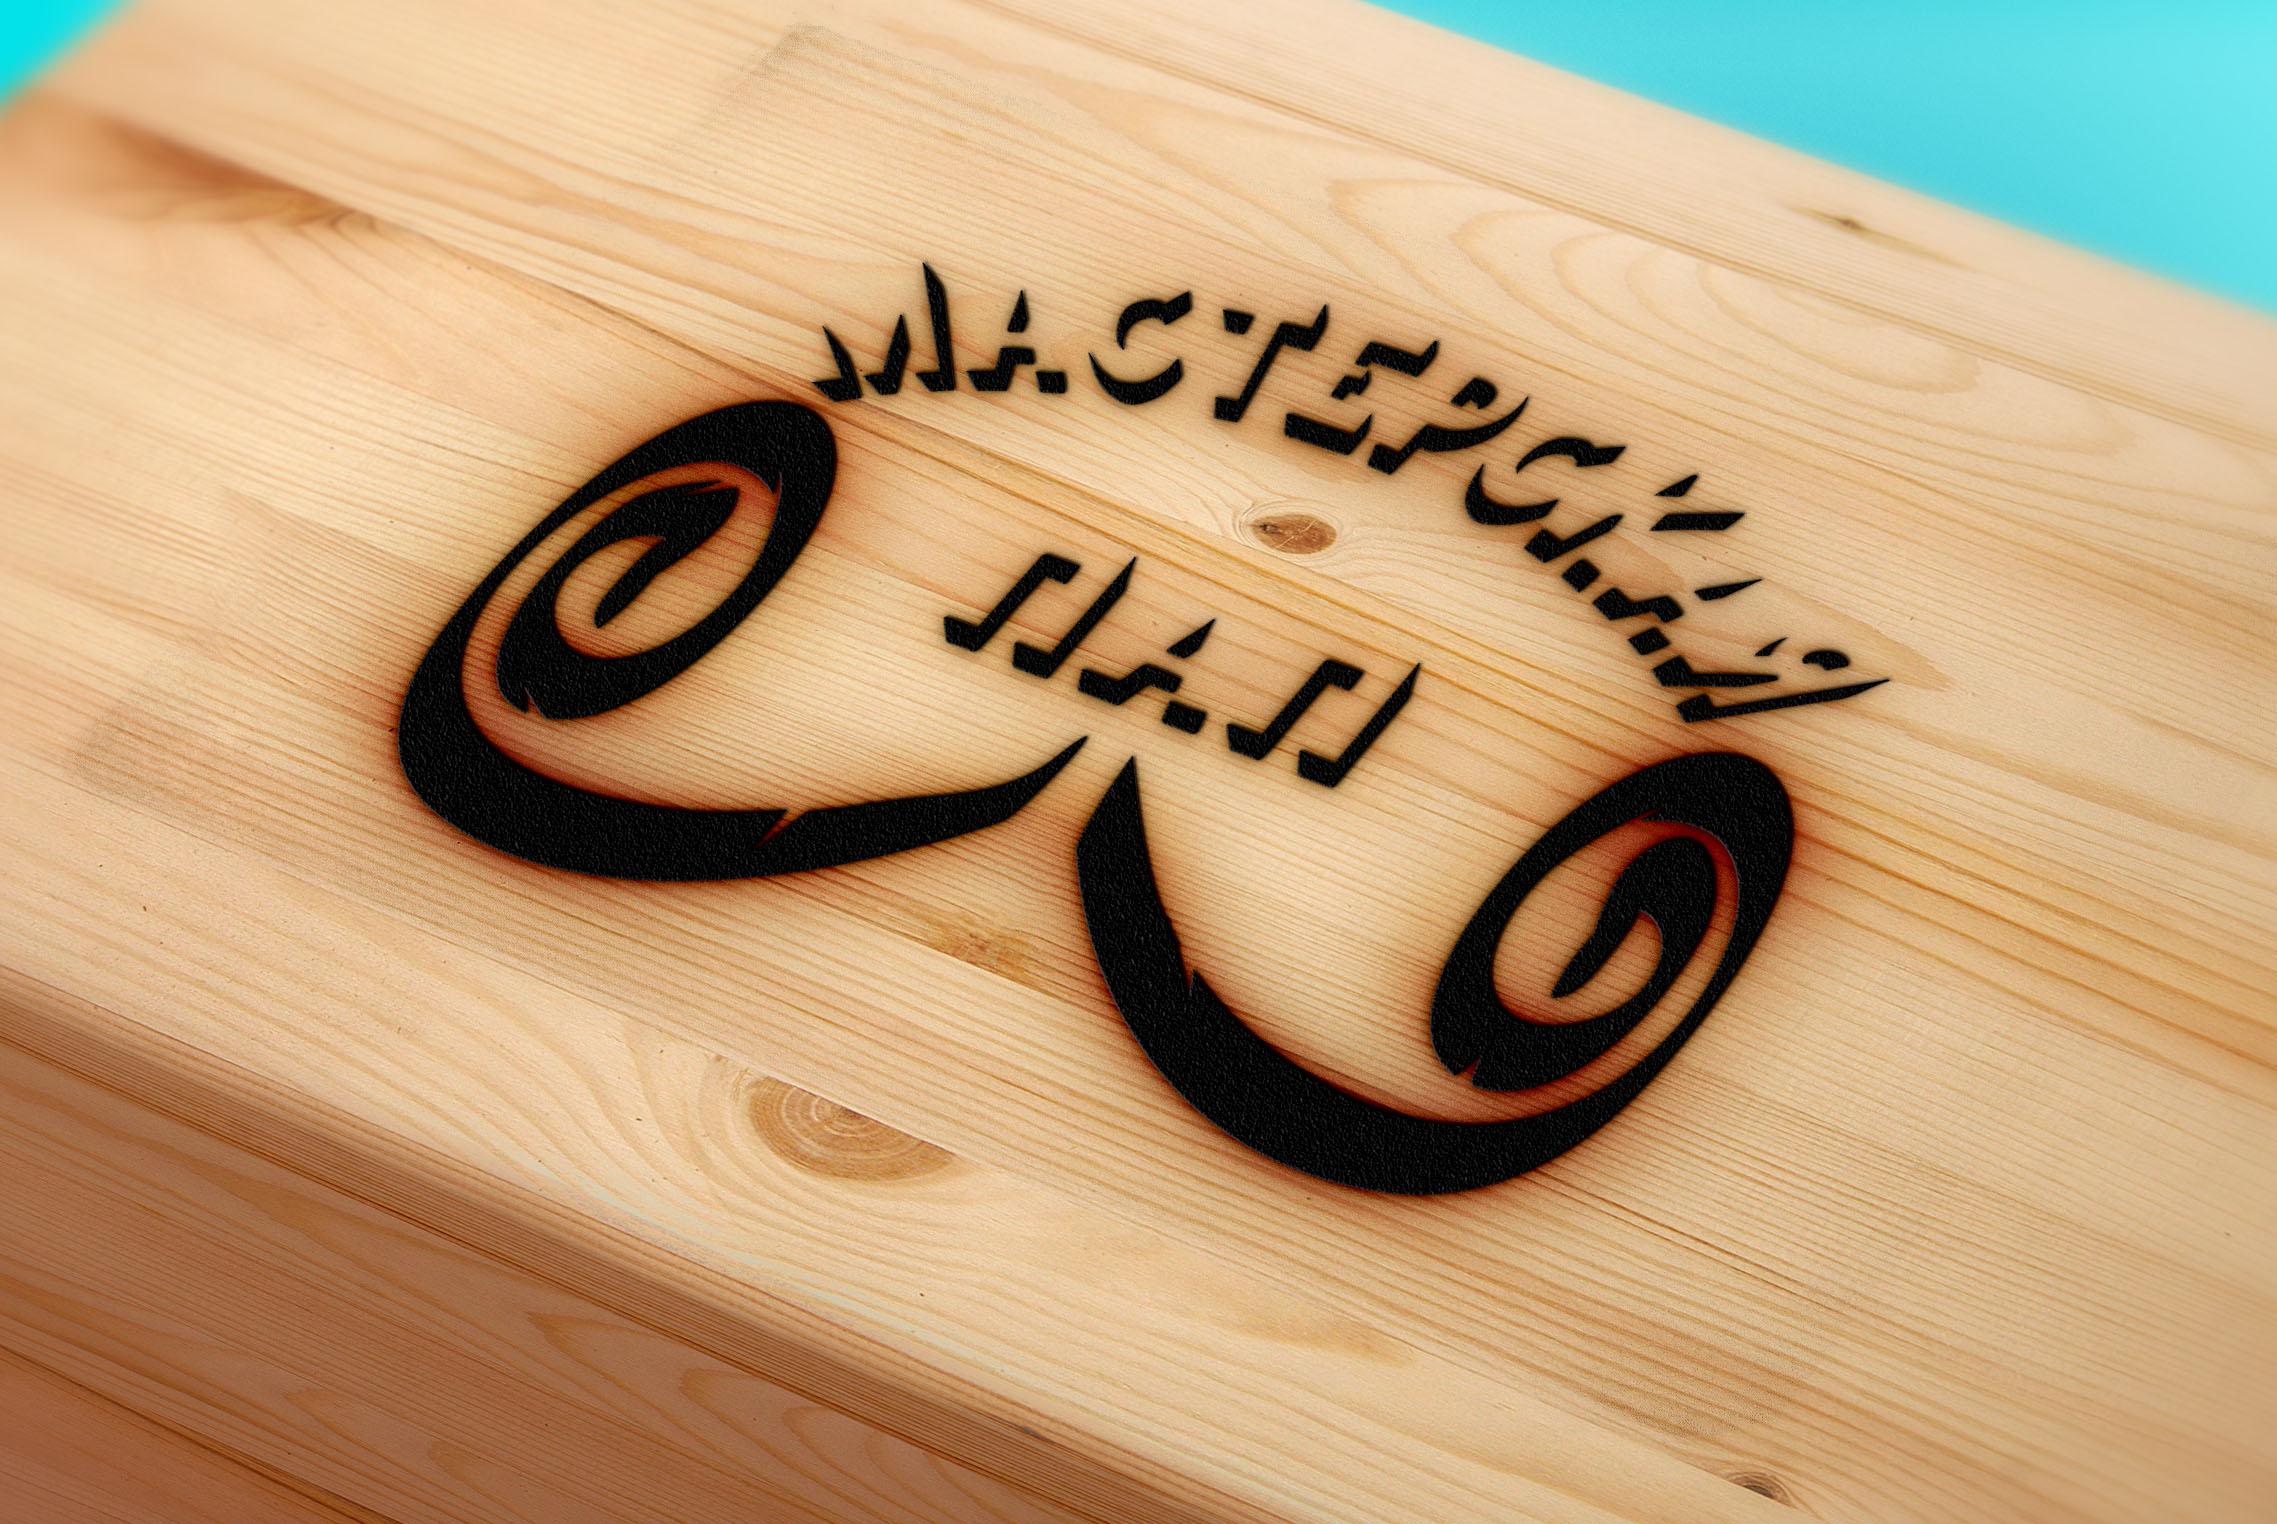 Разработка логотипа  фото f_8245aa3d57c37c8d.jpg